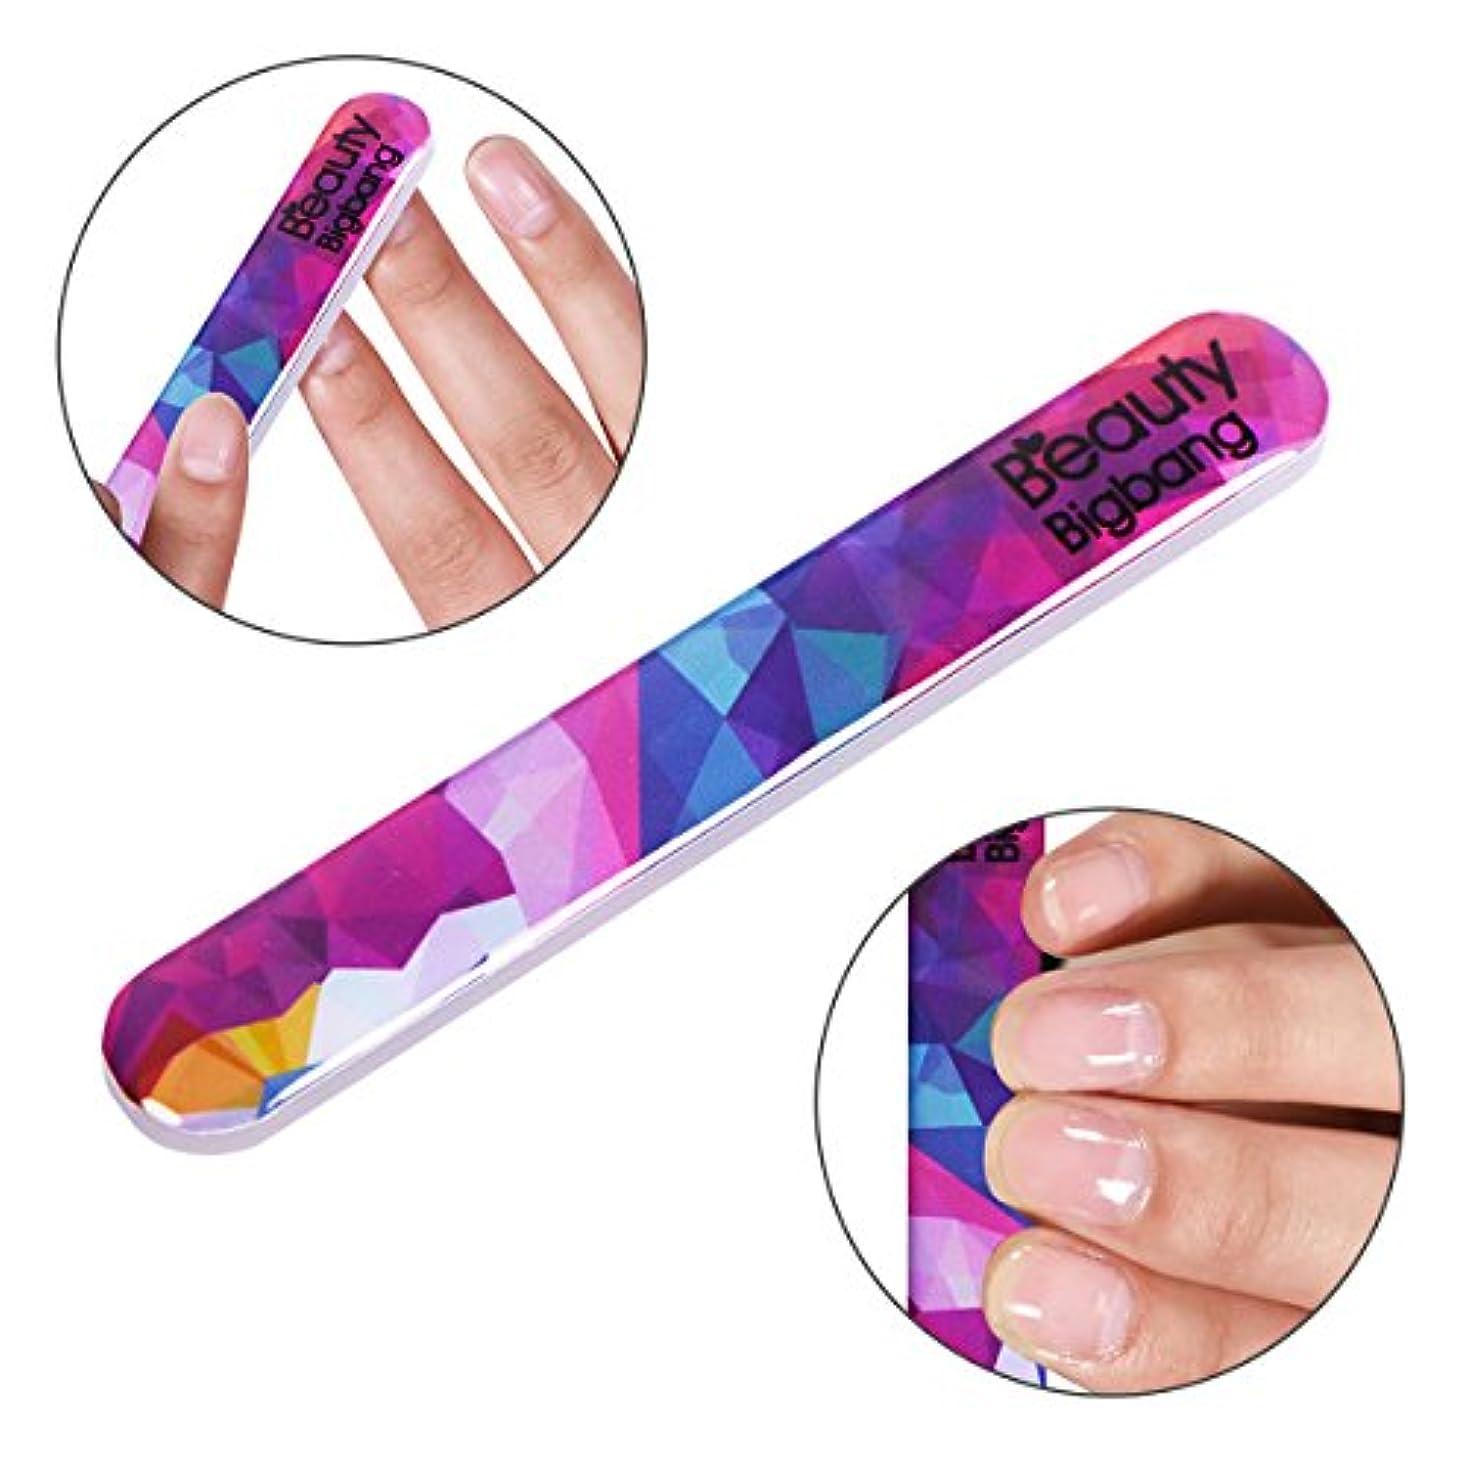 ネーピアベンチャーギャンブルAMAA ネイルシャイナー ヌードネイル 爪やすり 爪磨き ガラス ネイルファイル ピカピカ ネイルケア